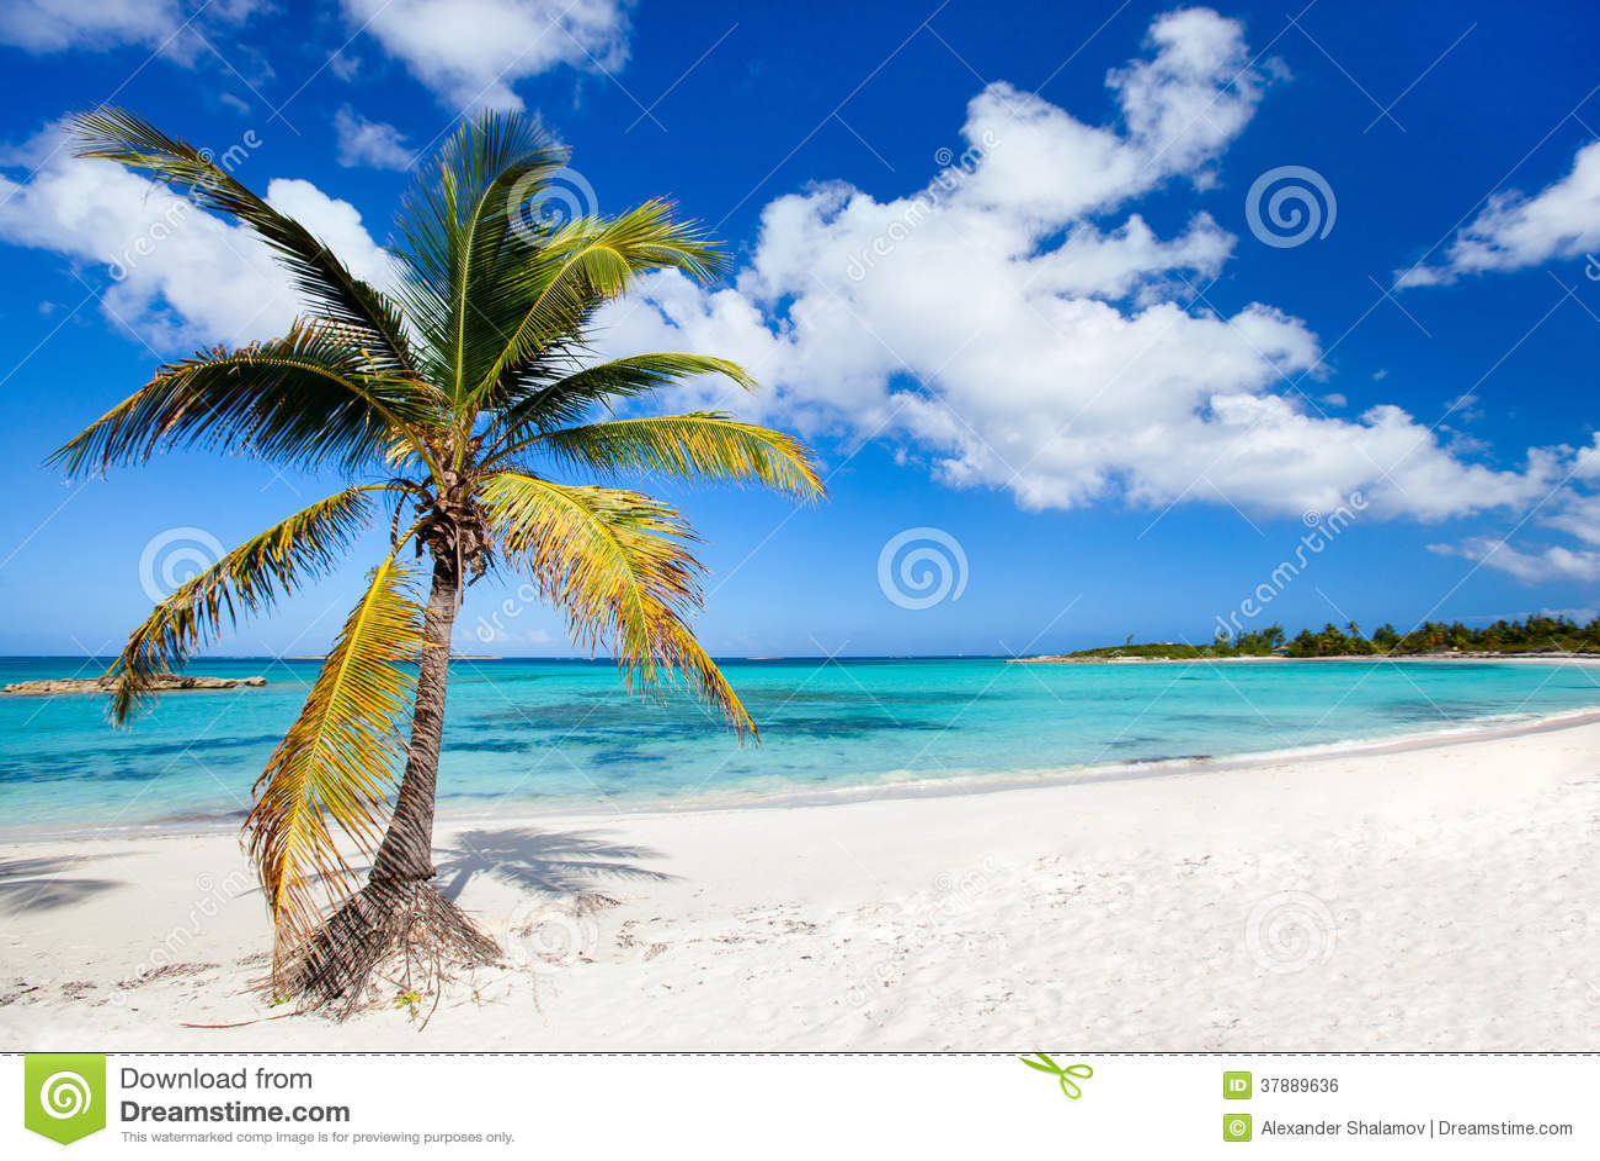 美丽的加勒比海滩